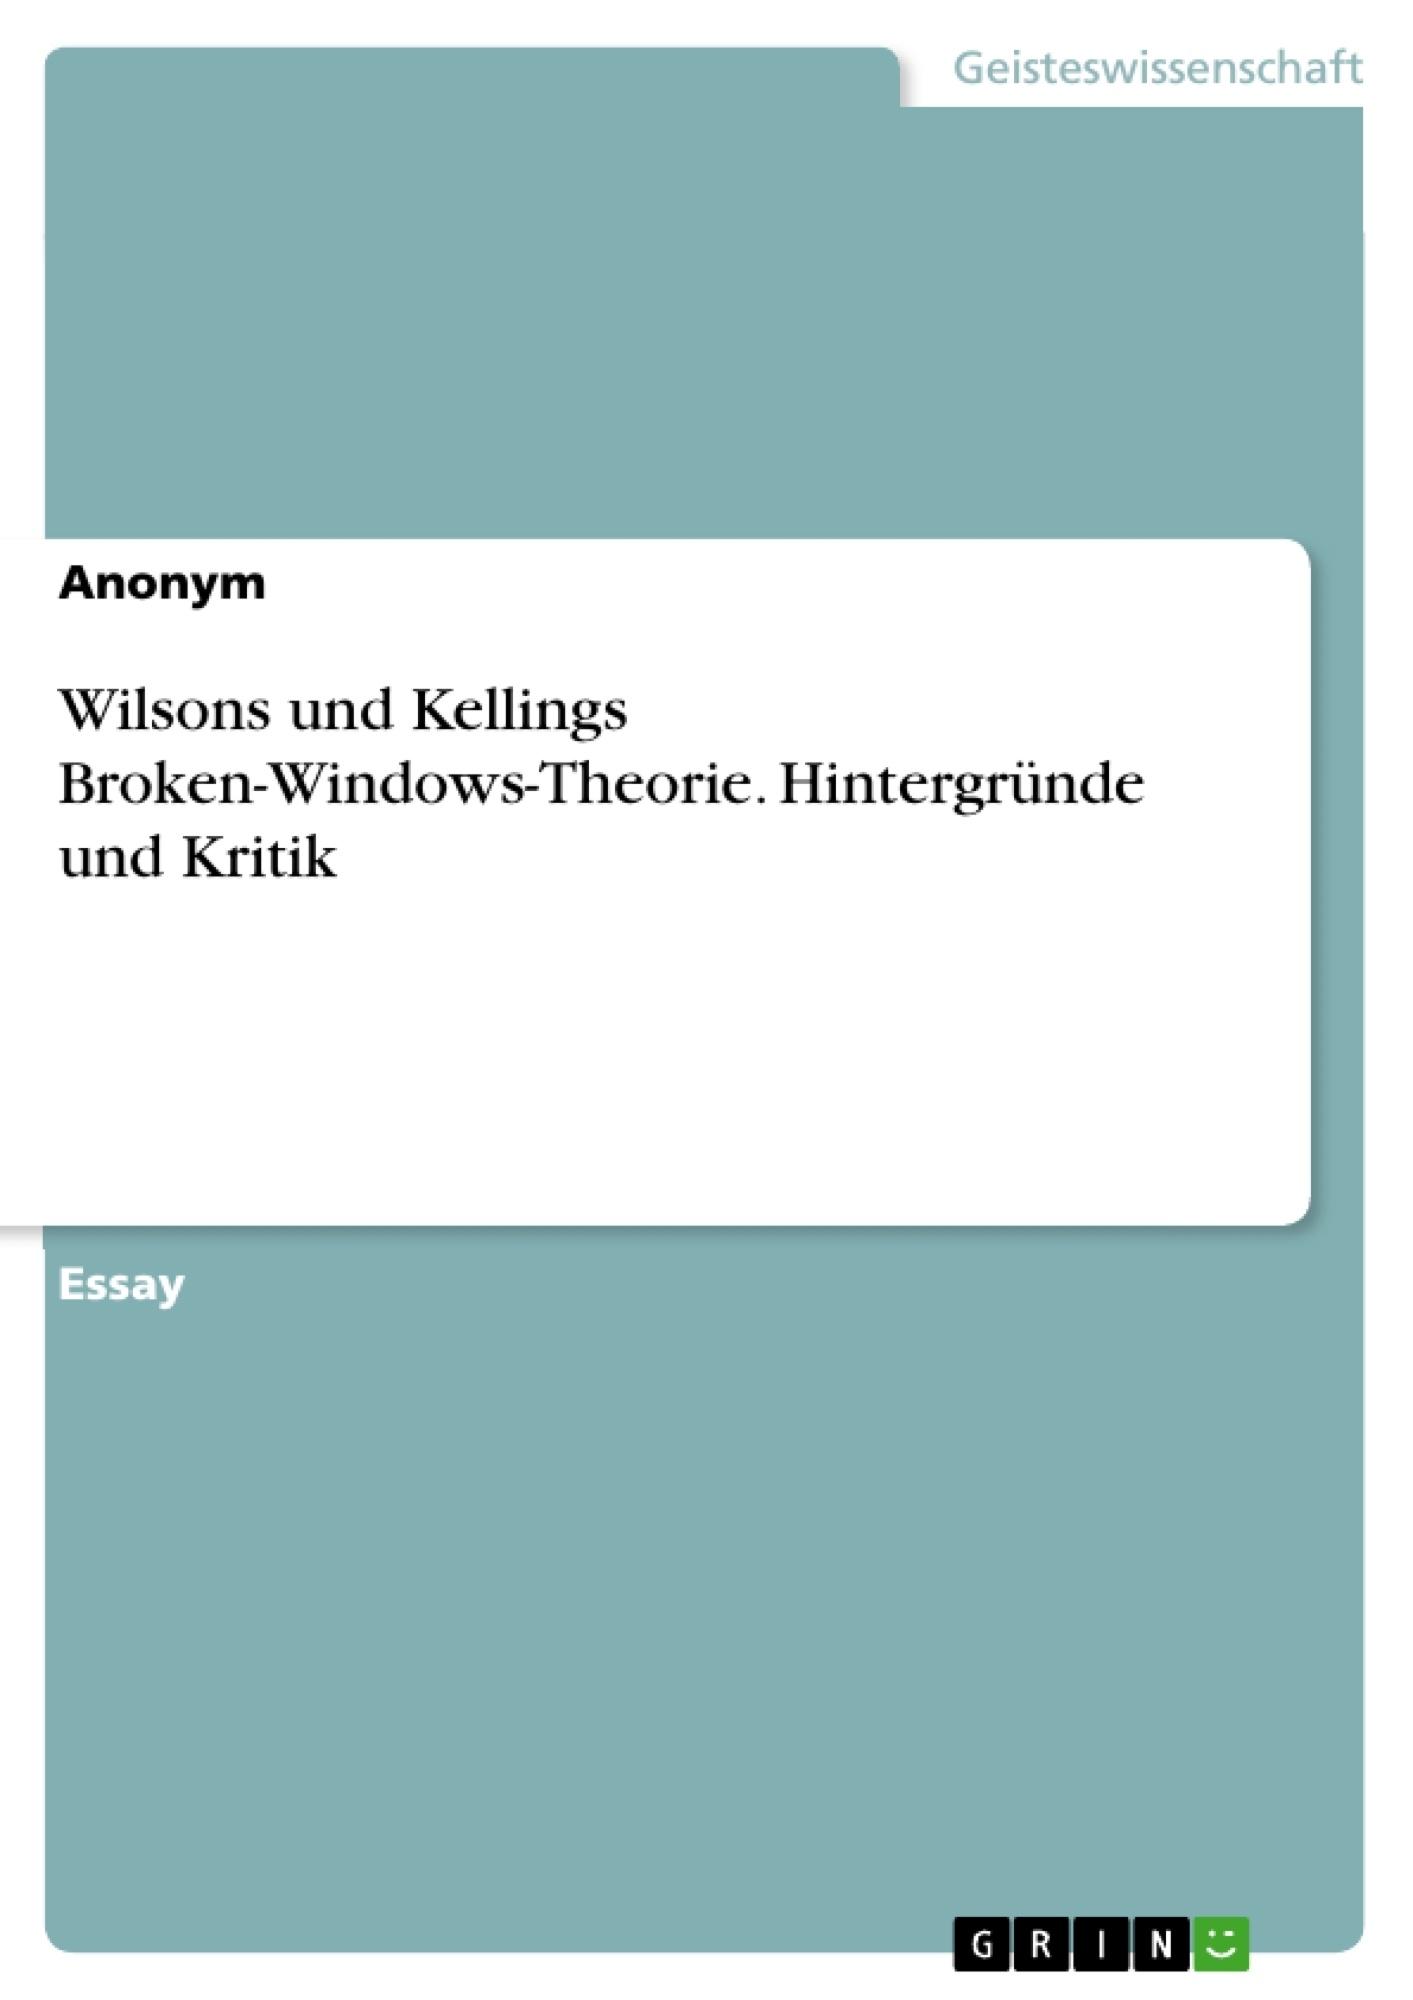 Titel: Wilsons und Kellings Broken-Windows-Theorie. Hintergründe und Kritik